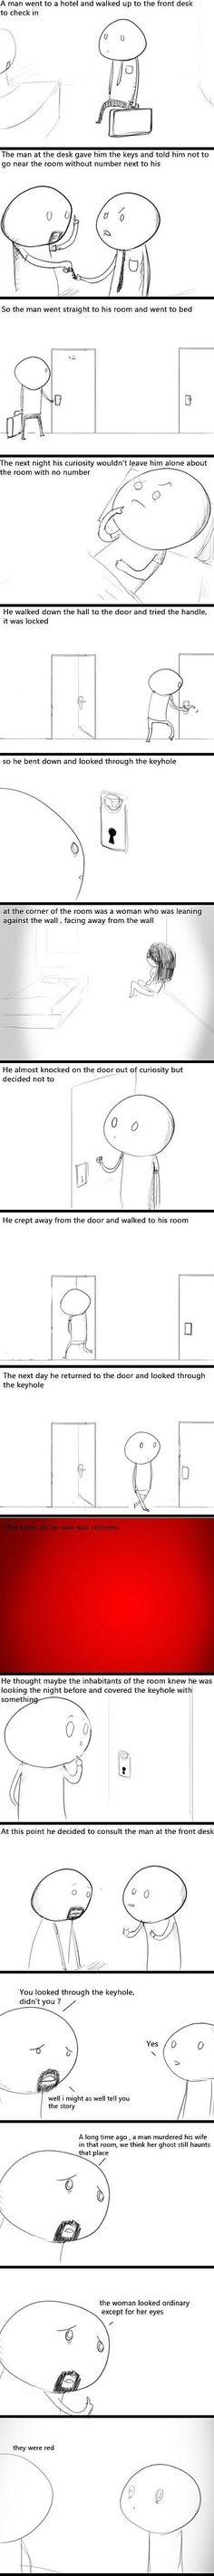 Creepy story. no no no no no http://ibeebz.com